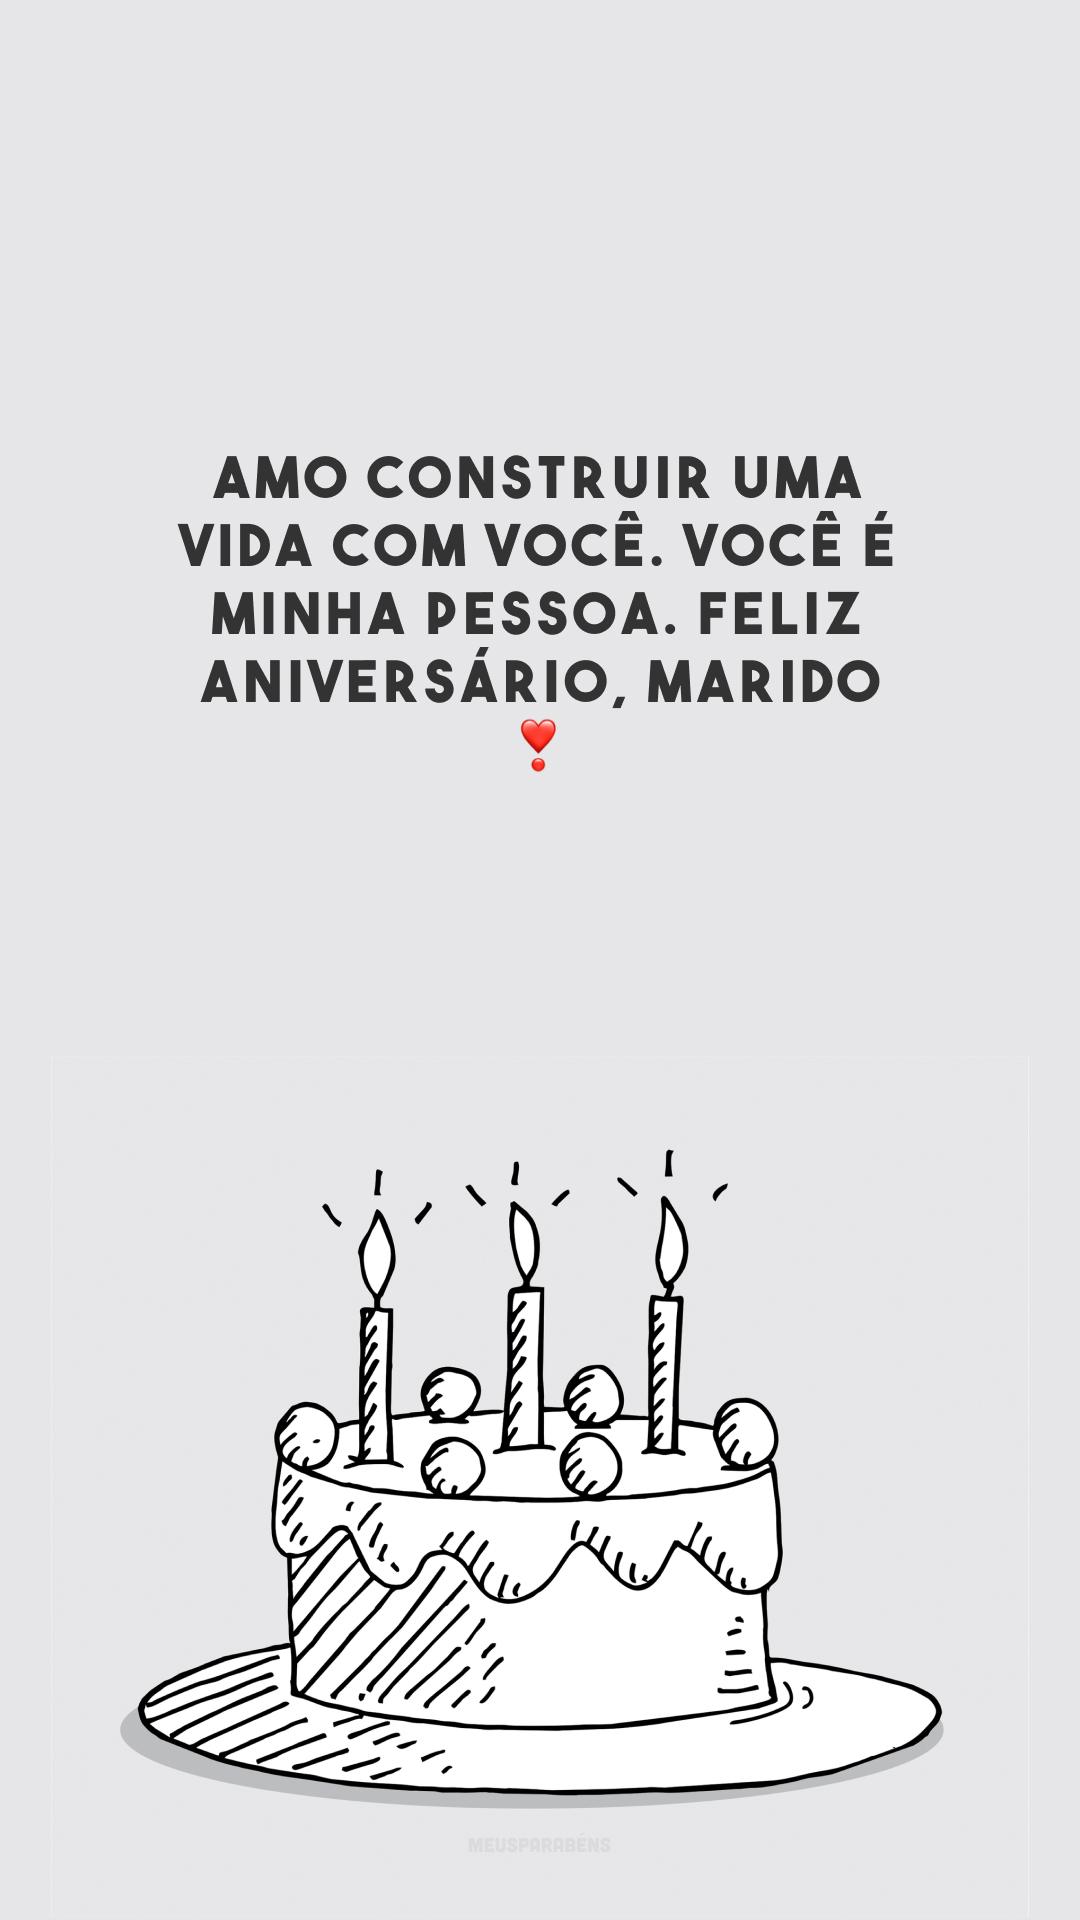 Amo construir uma vida com você. Você é minha pessoa. Feliz aniversário, marido!❣️